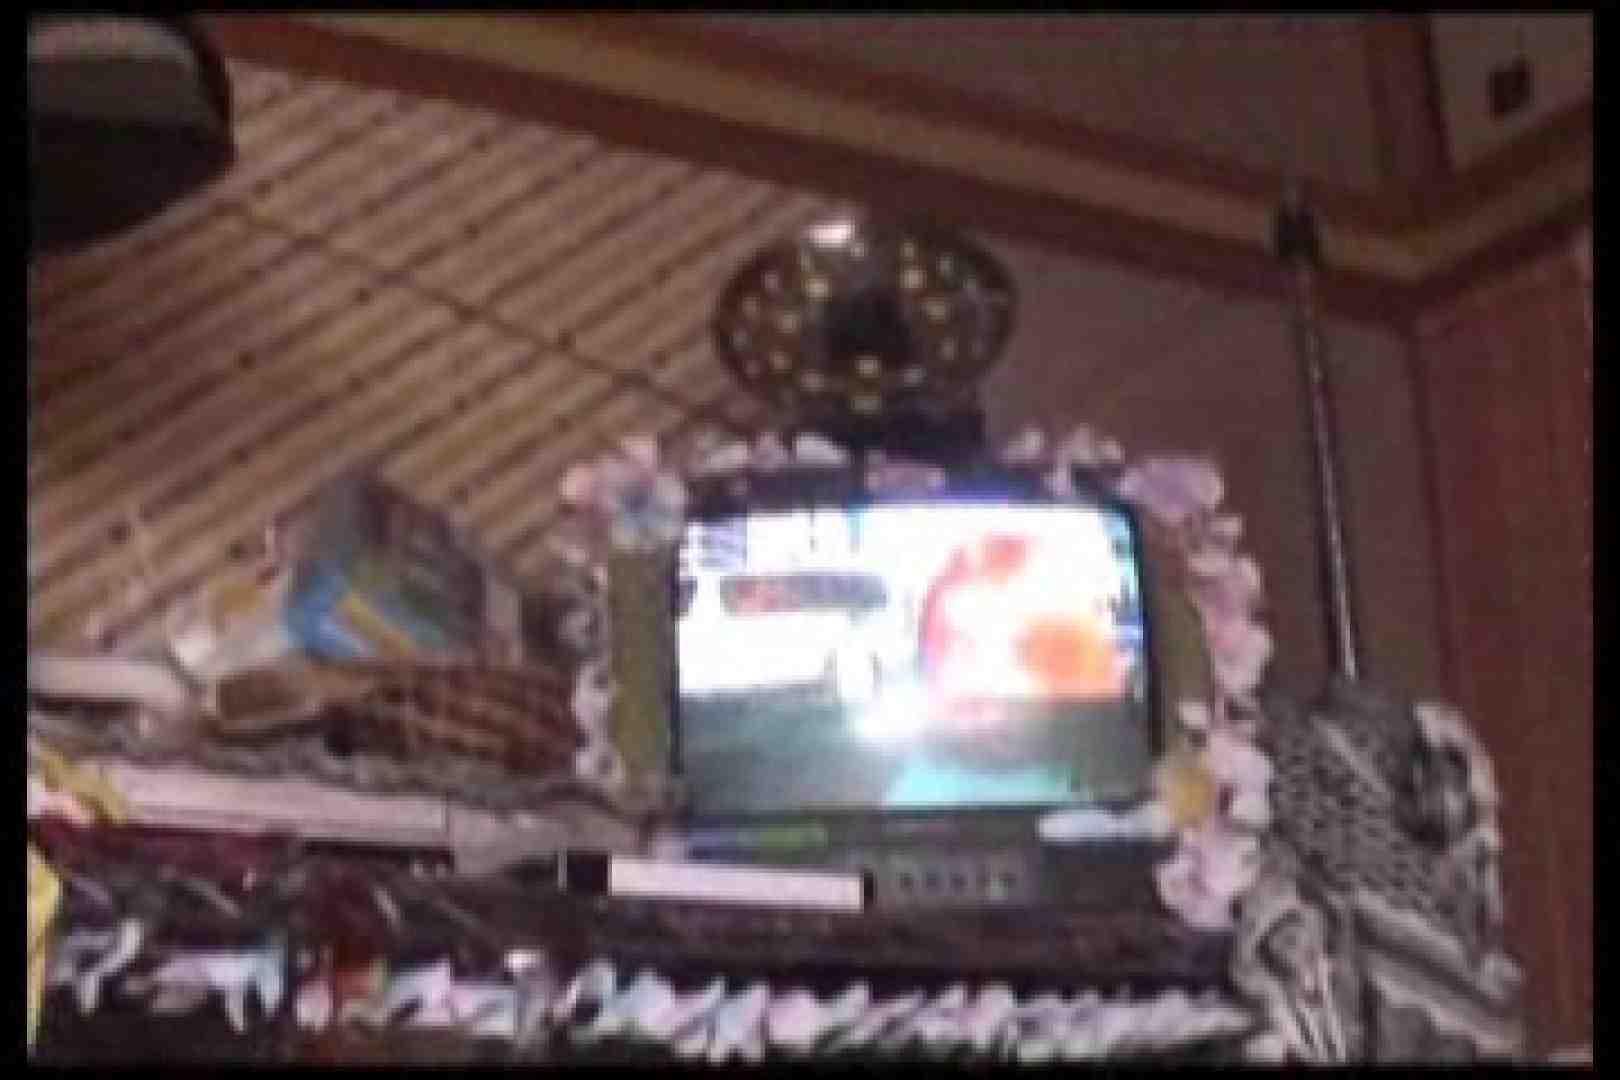 【個人投稿】イケメンのEVERY DAY オナニー記録!! オナニー アダルトビデオ画像キャプチャ 83枚 9